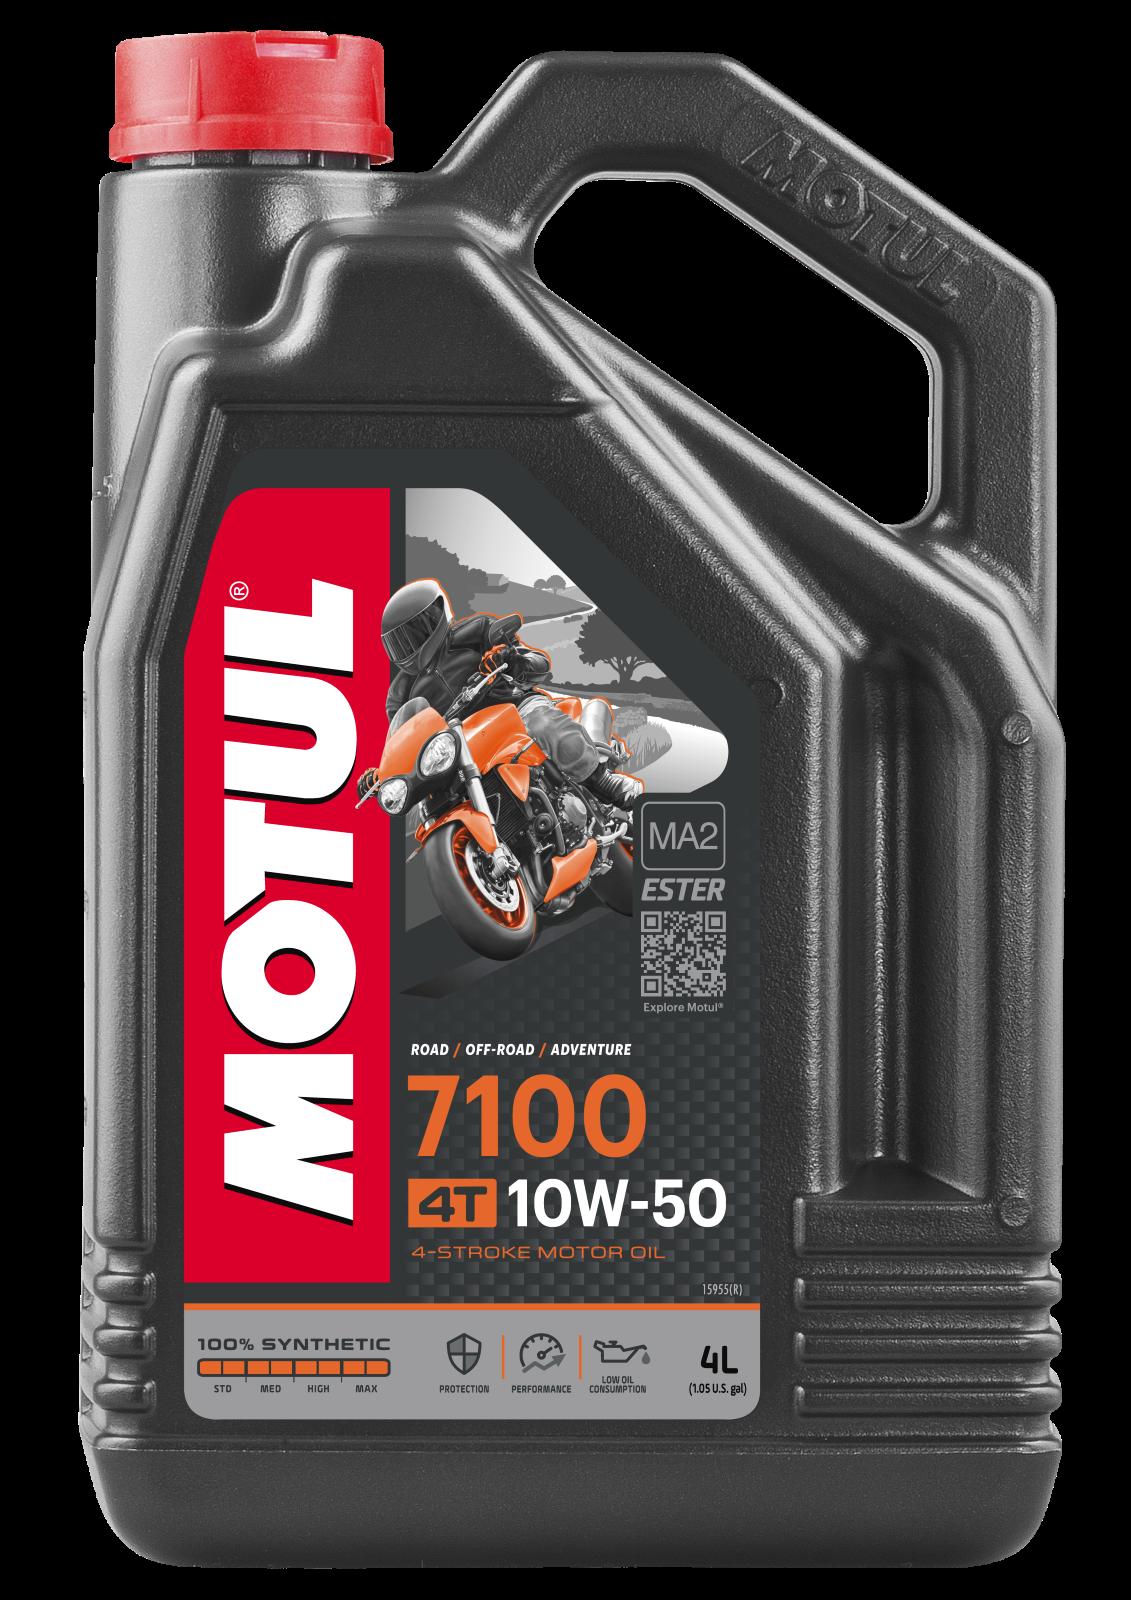 MOTUL AG MOTUL 7100 4T 10W-50 4L